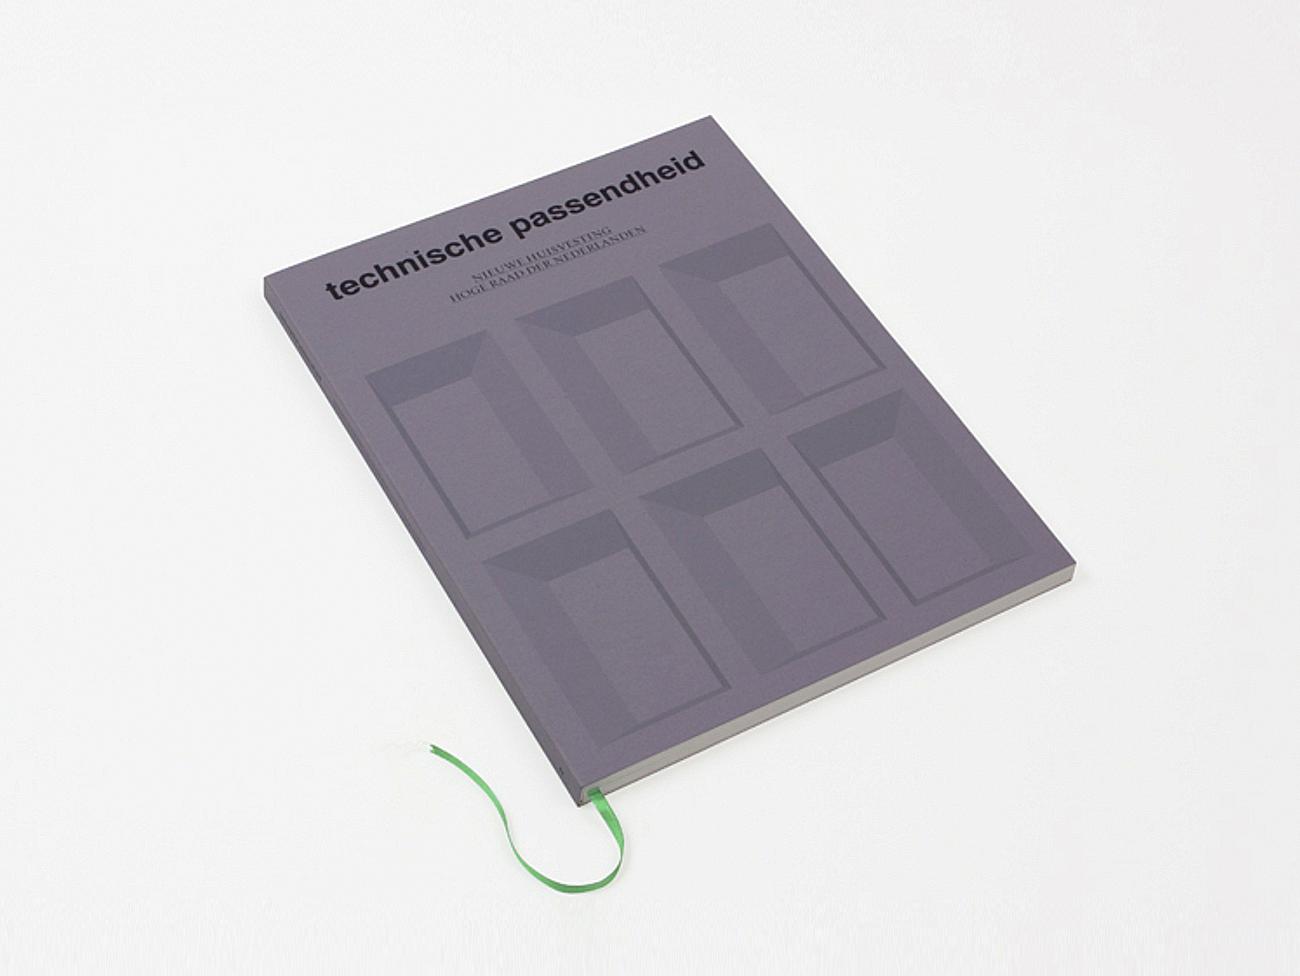 Ruimte voor de hoge raad, Bidbook, Studio Enkelvoud